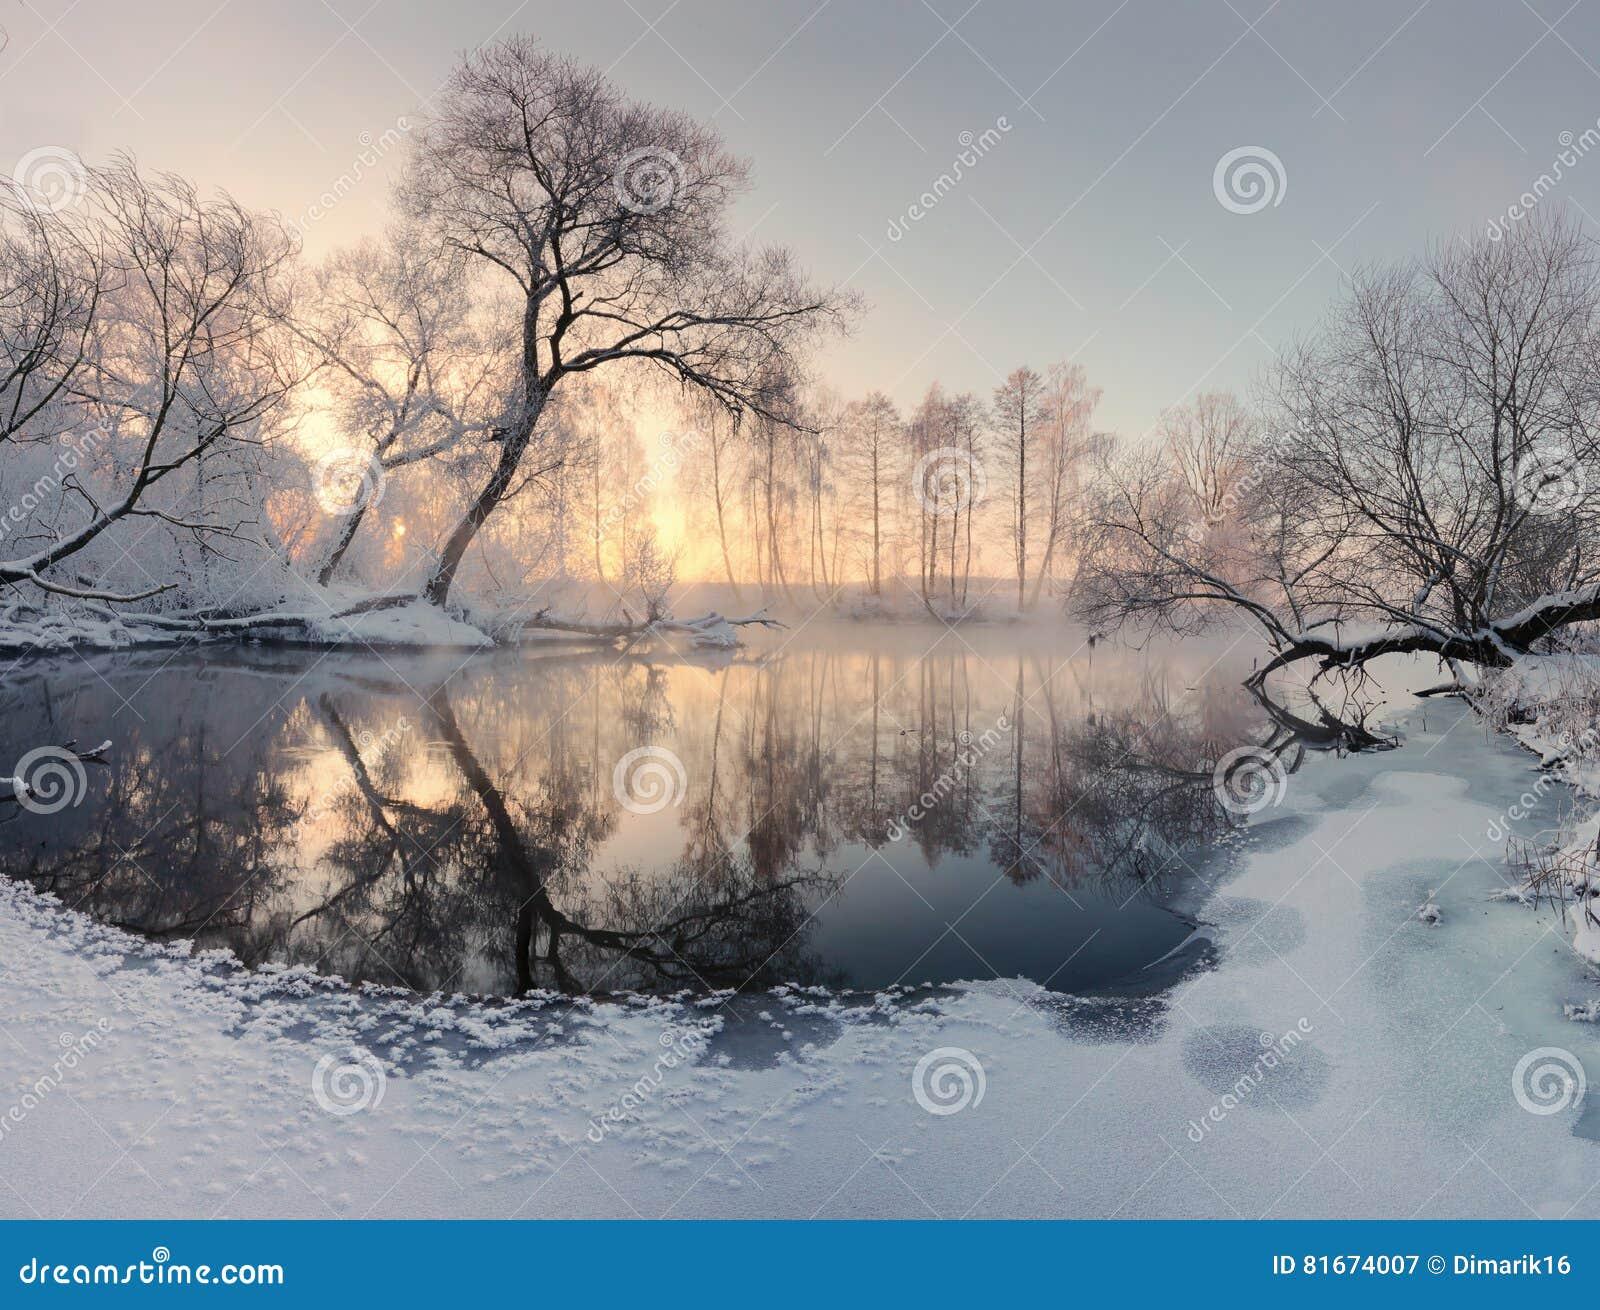 Wintersonne belichten eisige Bäume morgens